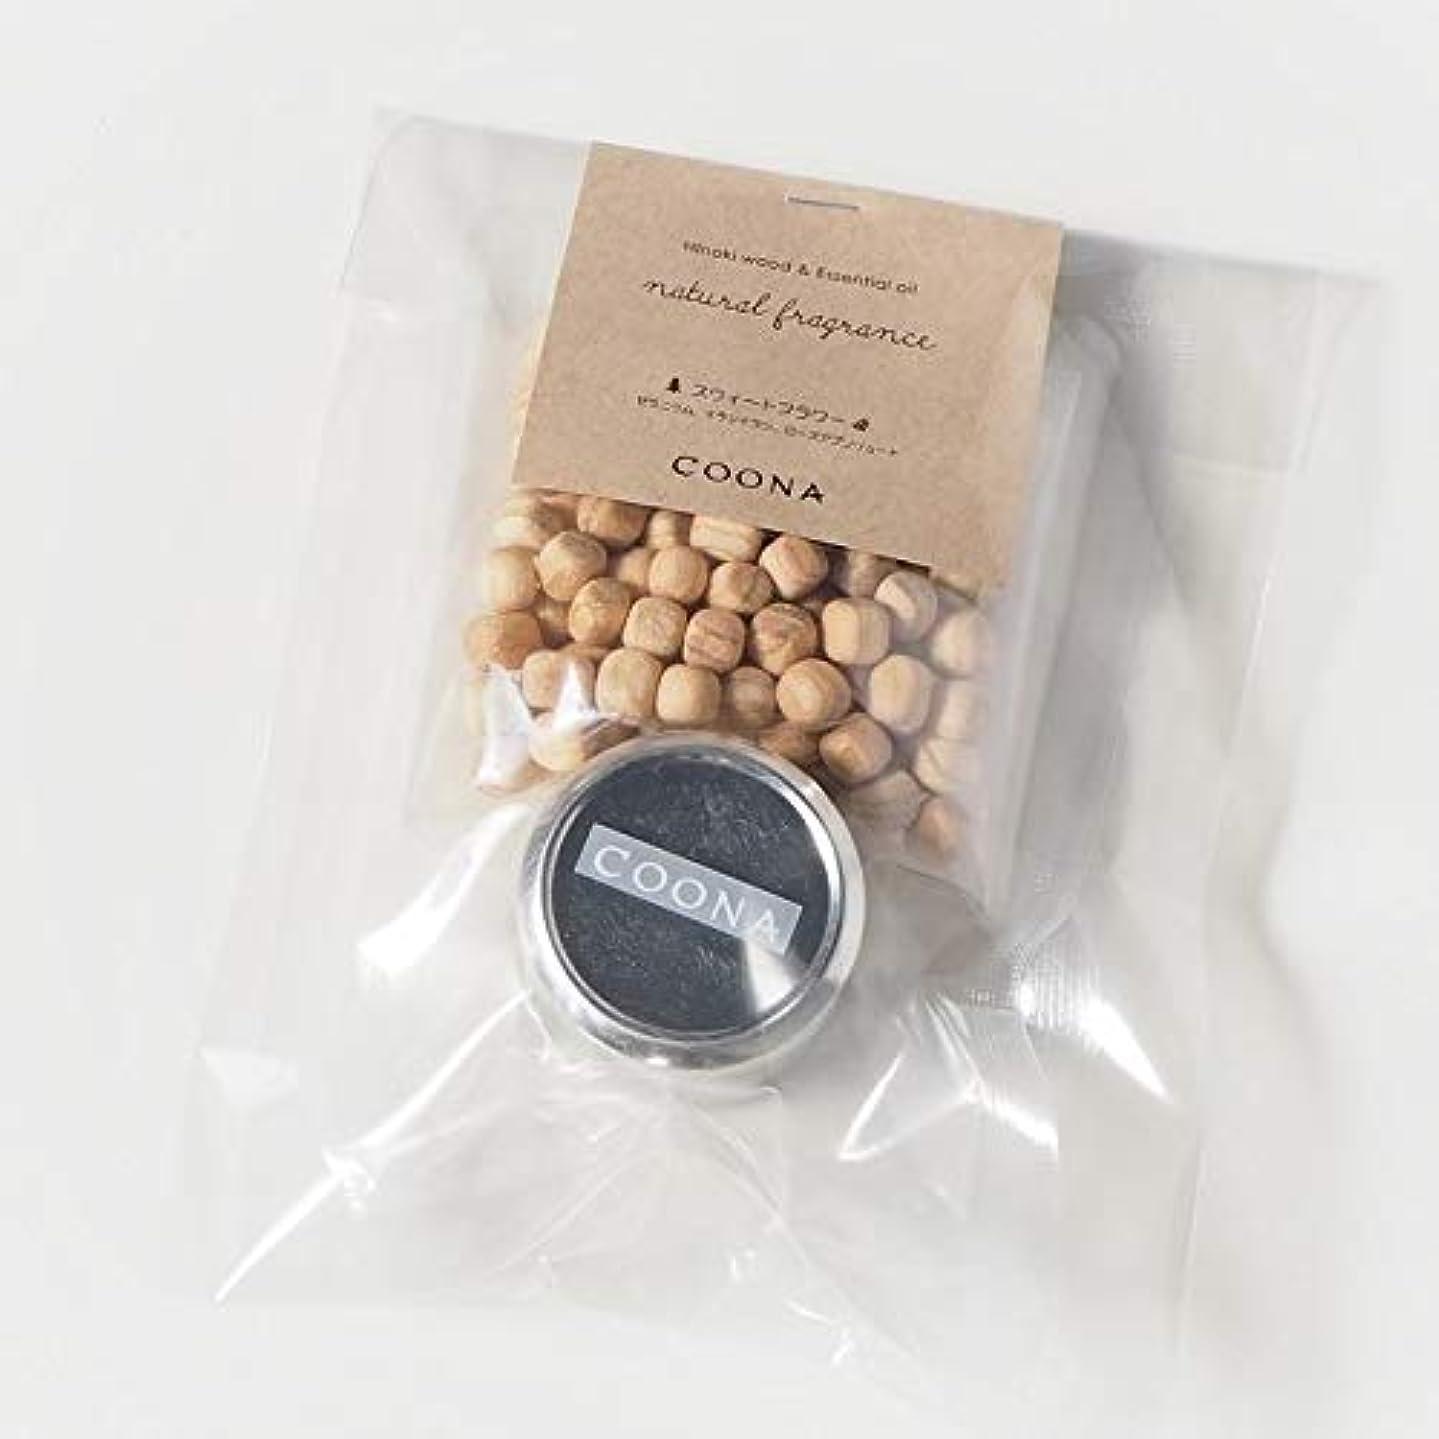 ラップグラマー隔離するヒノキ ウッド& エッセンシャルオイル ナチュラルフレグランス (メタル缶付き, 地の香り)